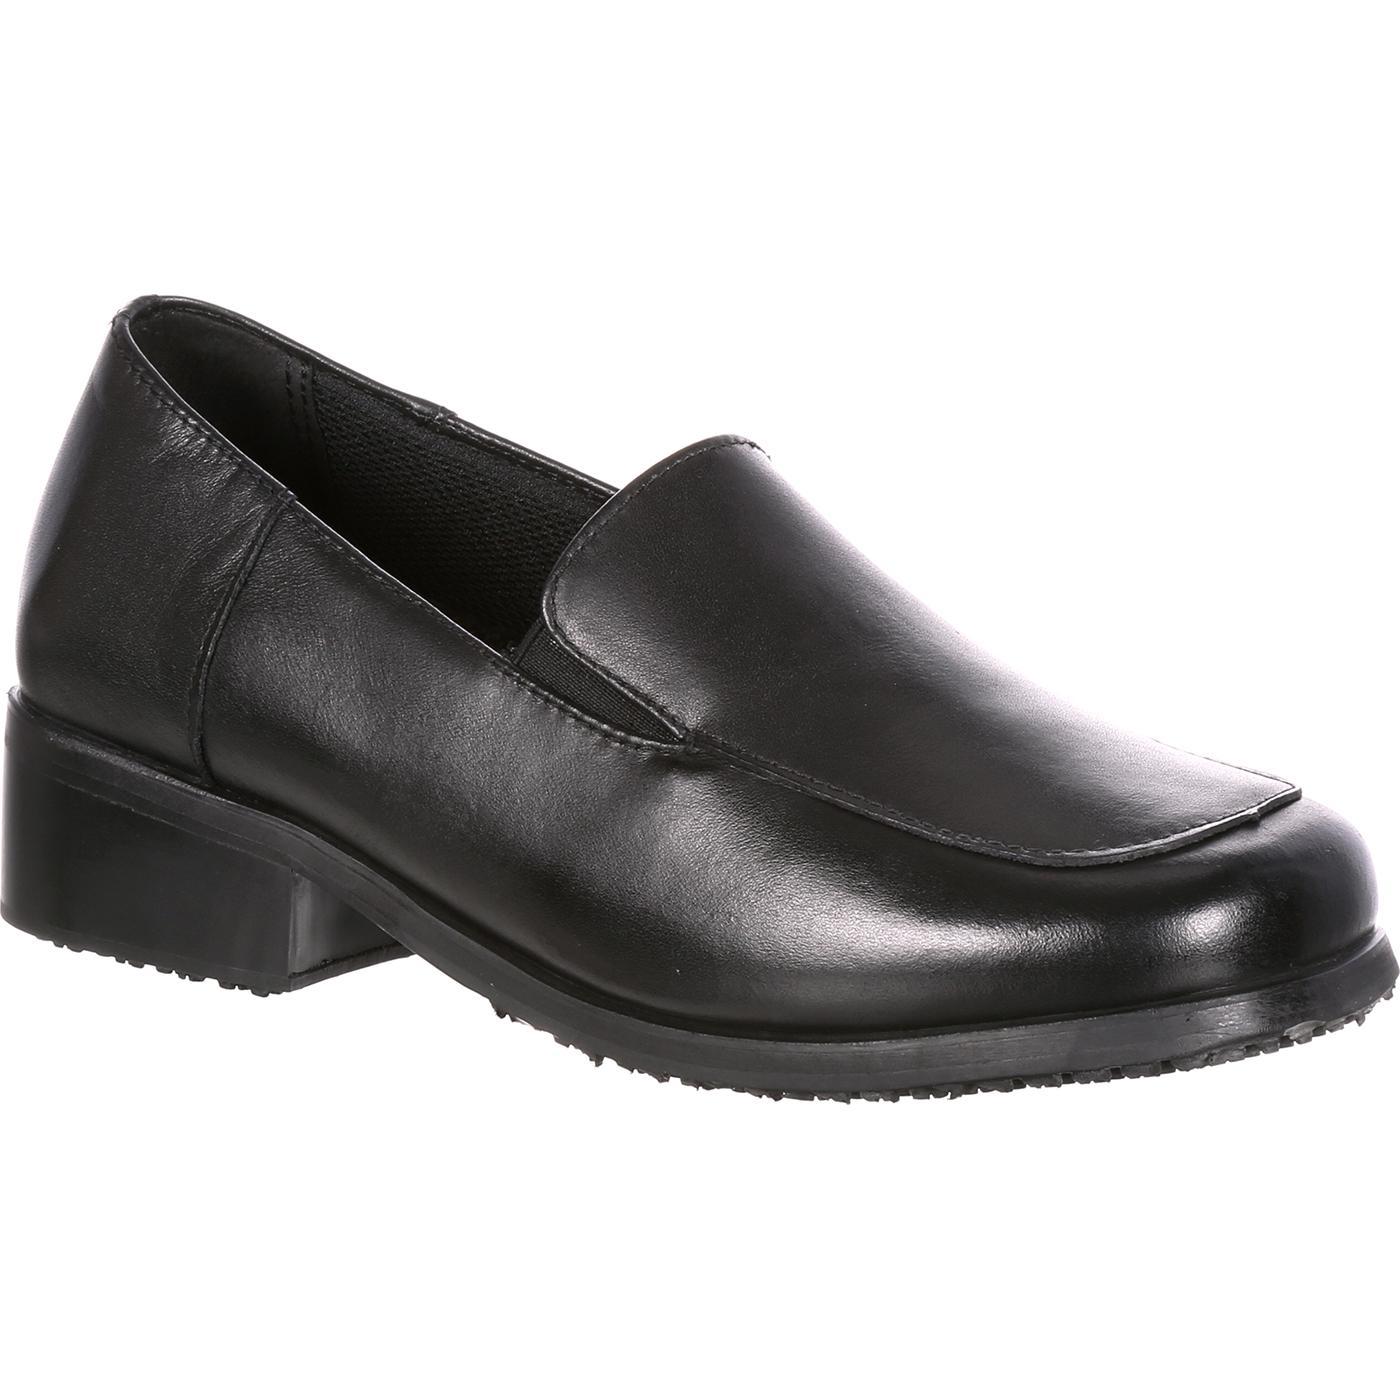 758b3b8db13 SlipGrips Womens Slip-Resistant Work Shoe